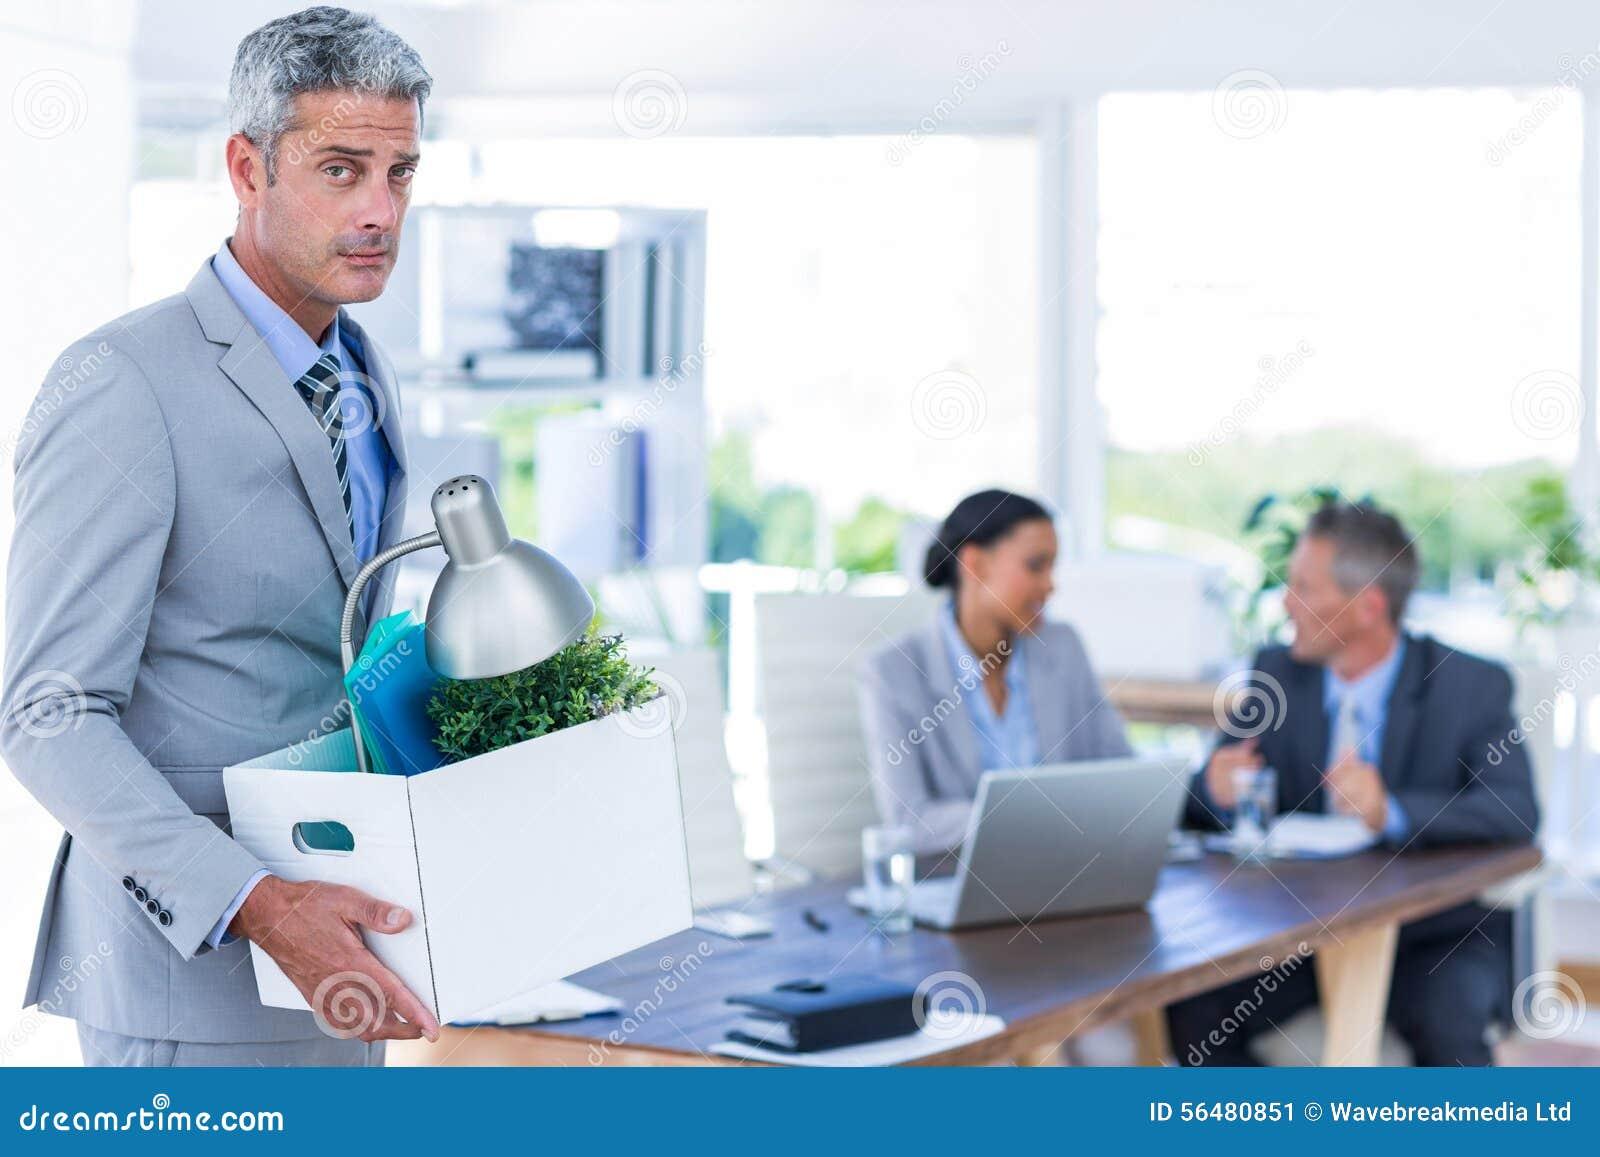 Homme d affaires tenant la boîte avec ses collègues derrière lui